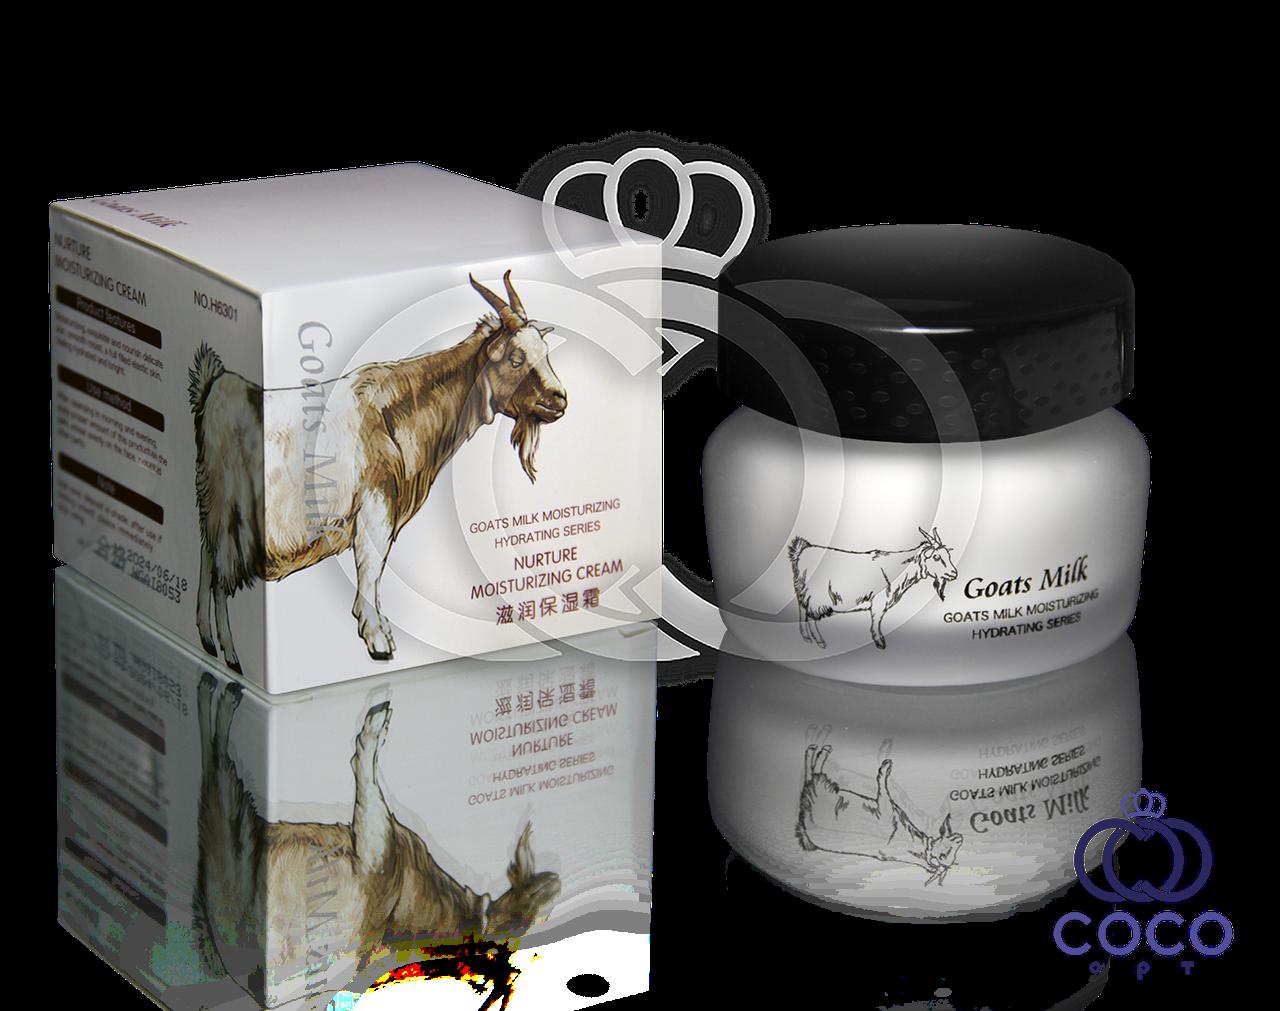 Корейский питательный и Корейский увлажняющий крем с козьим молоком Goats Milk Nurture Moisturizing Cream